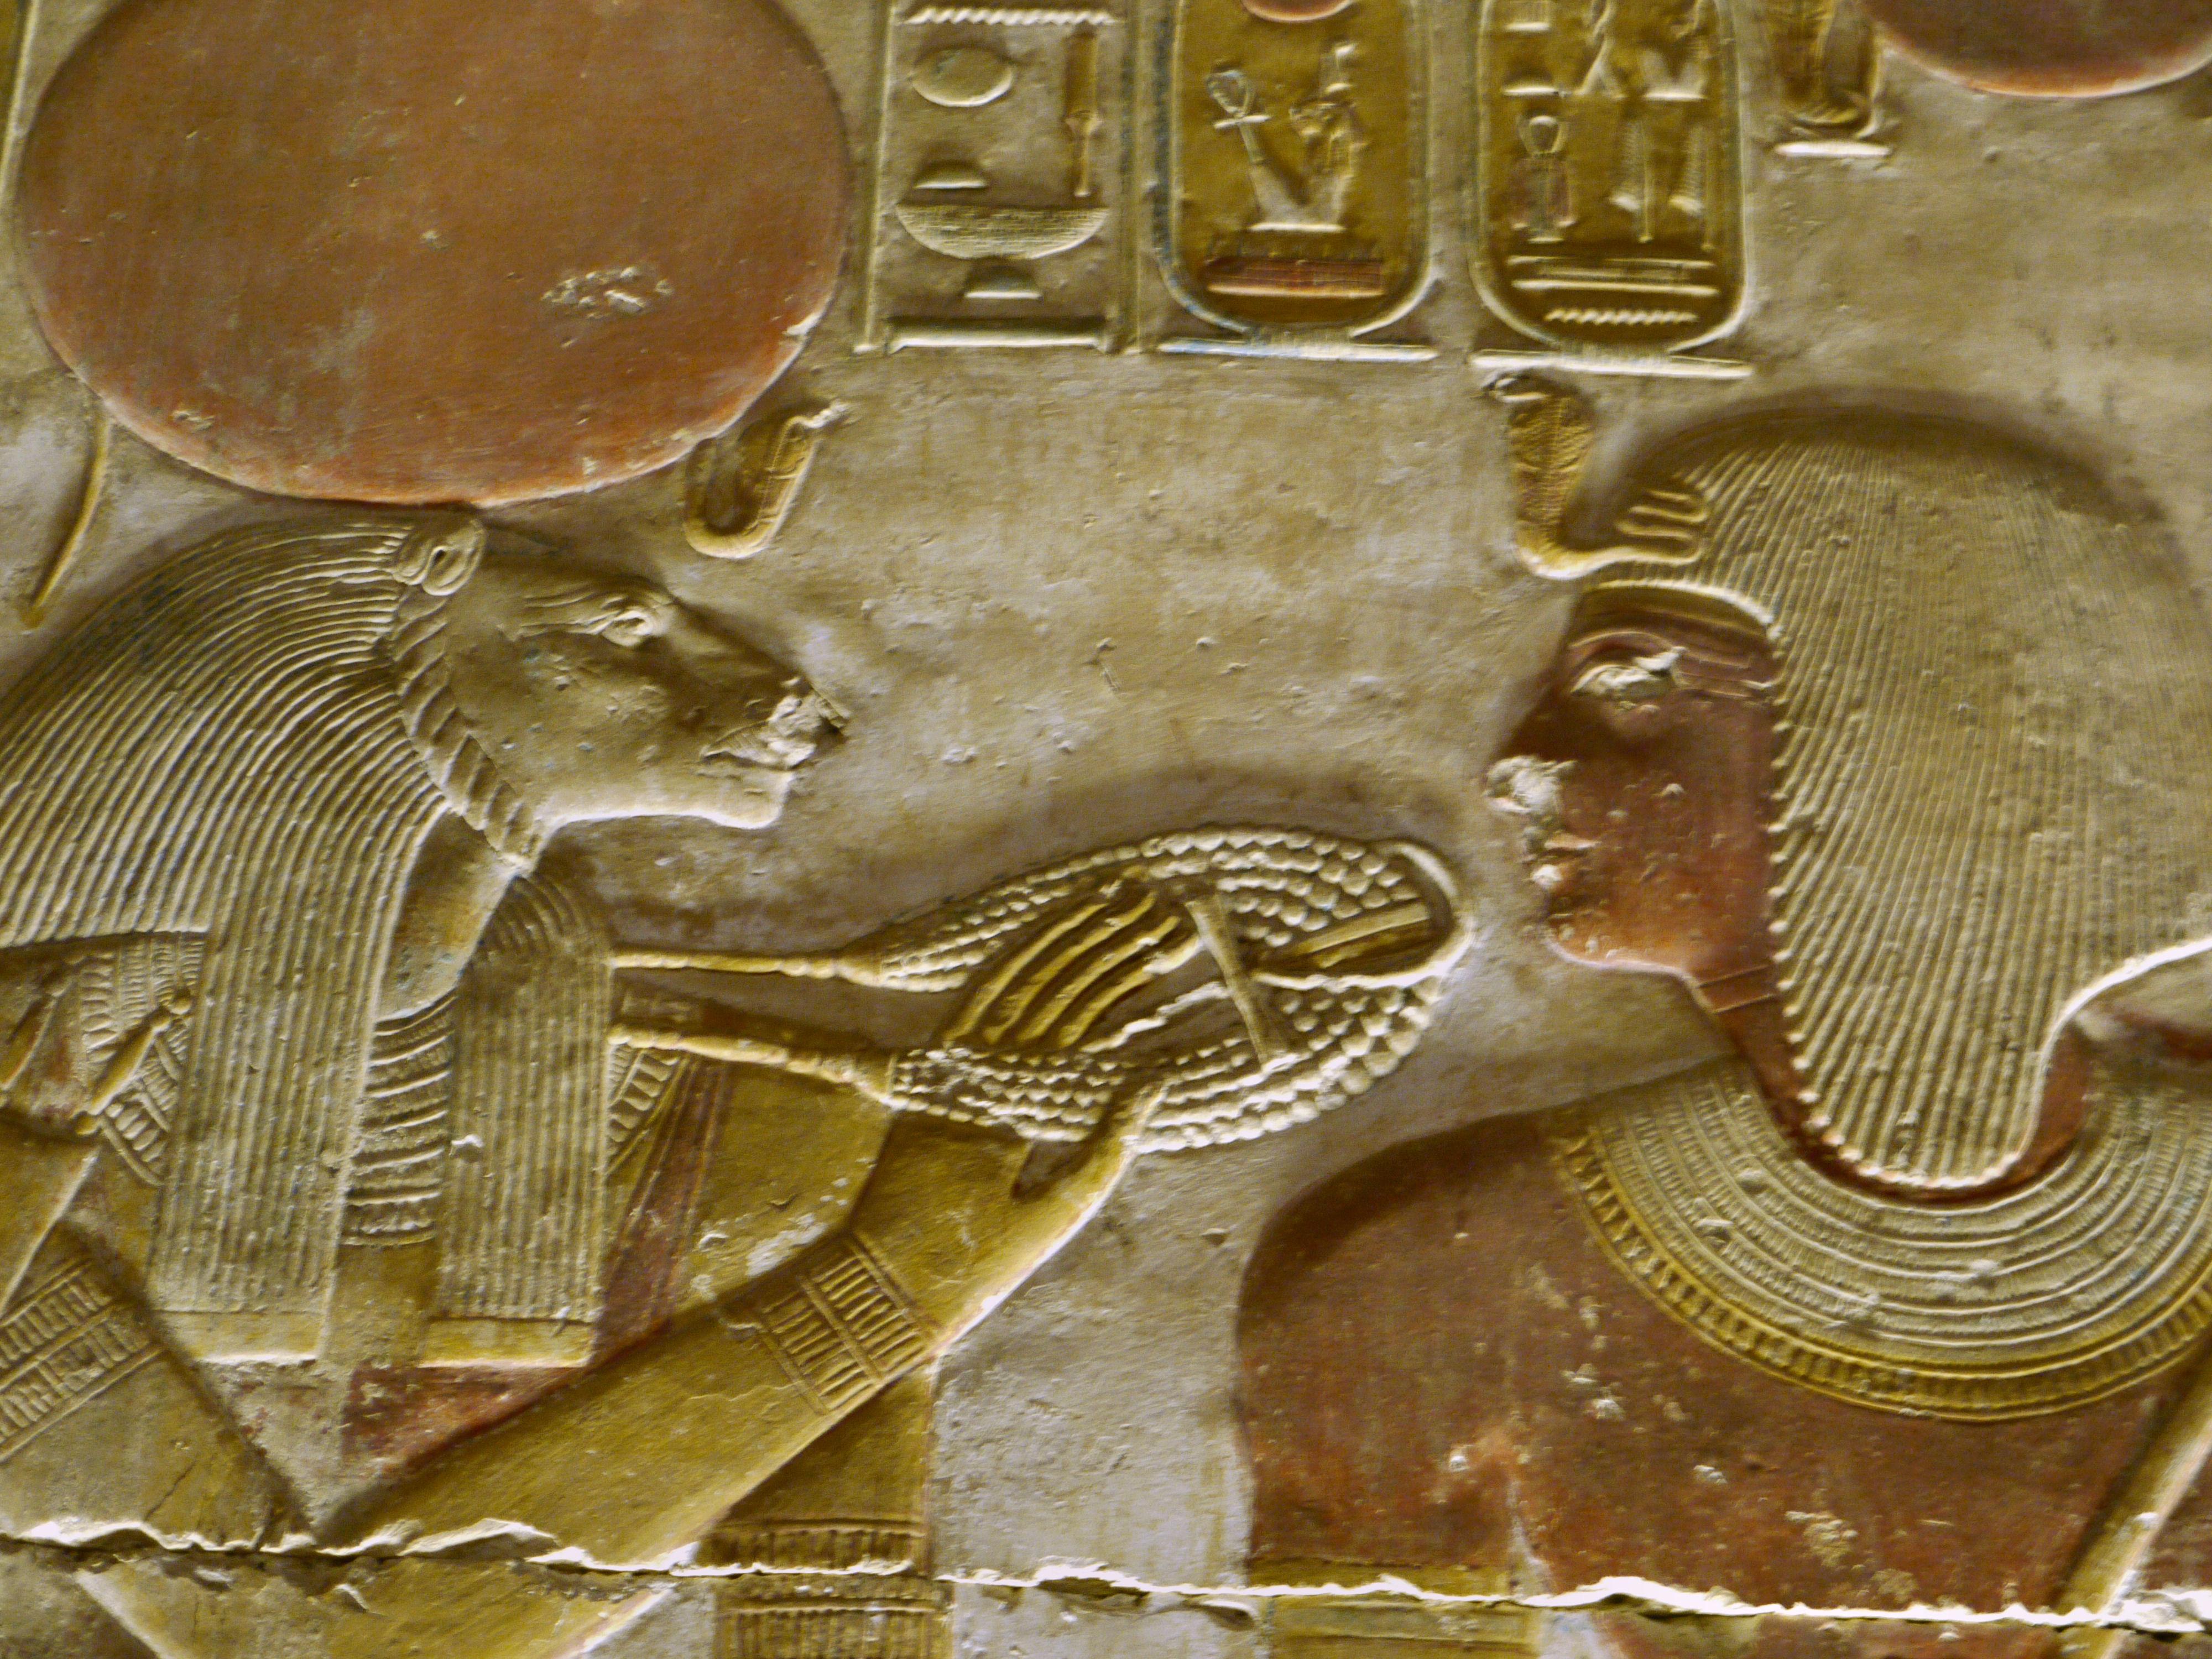 родилась египетские артефакты фото прекрасно понимают